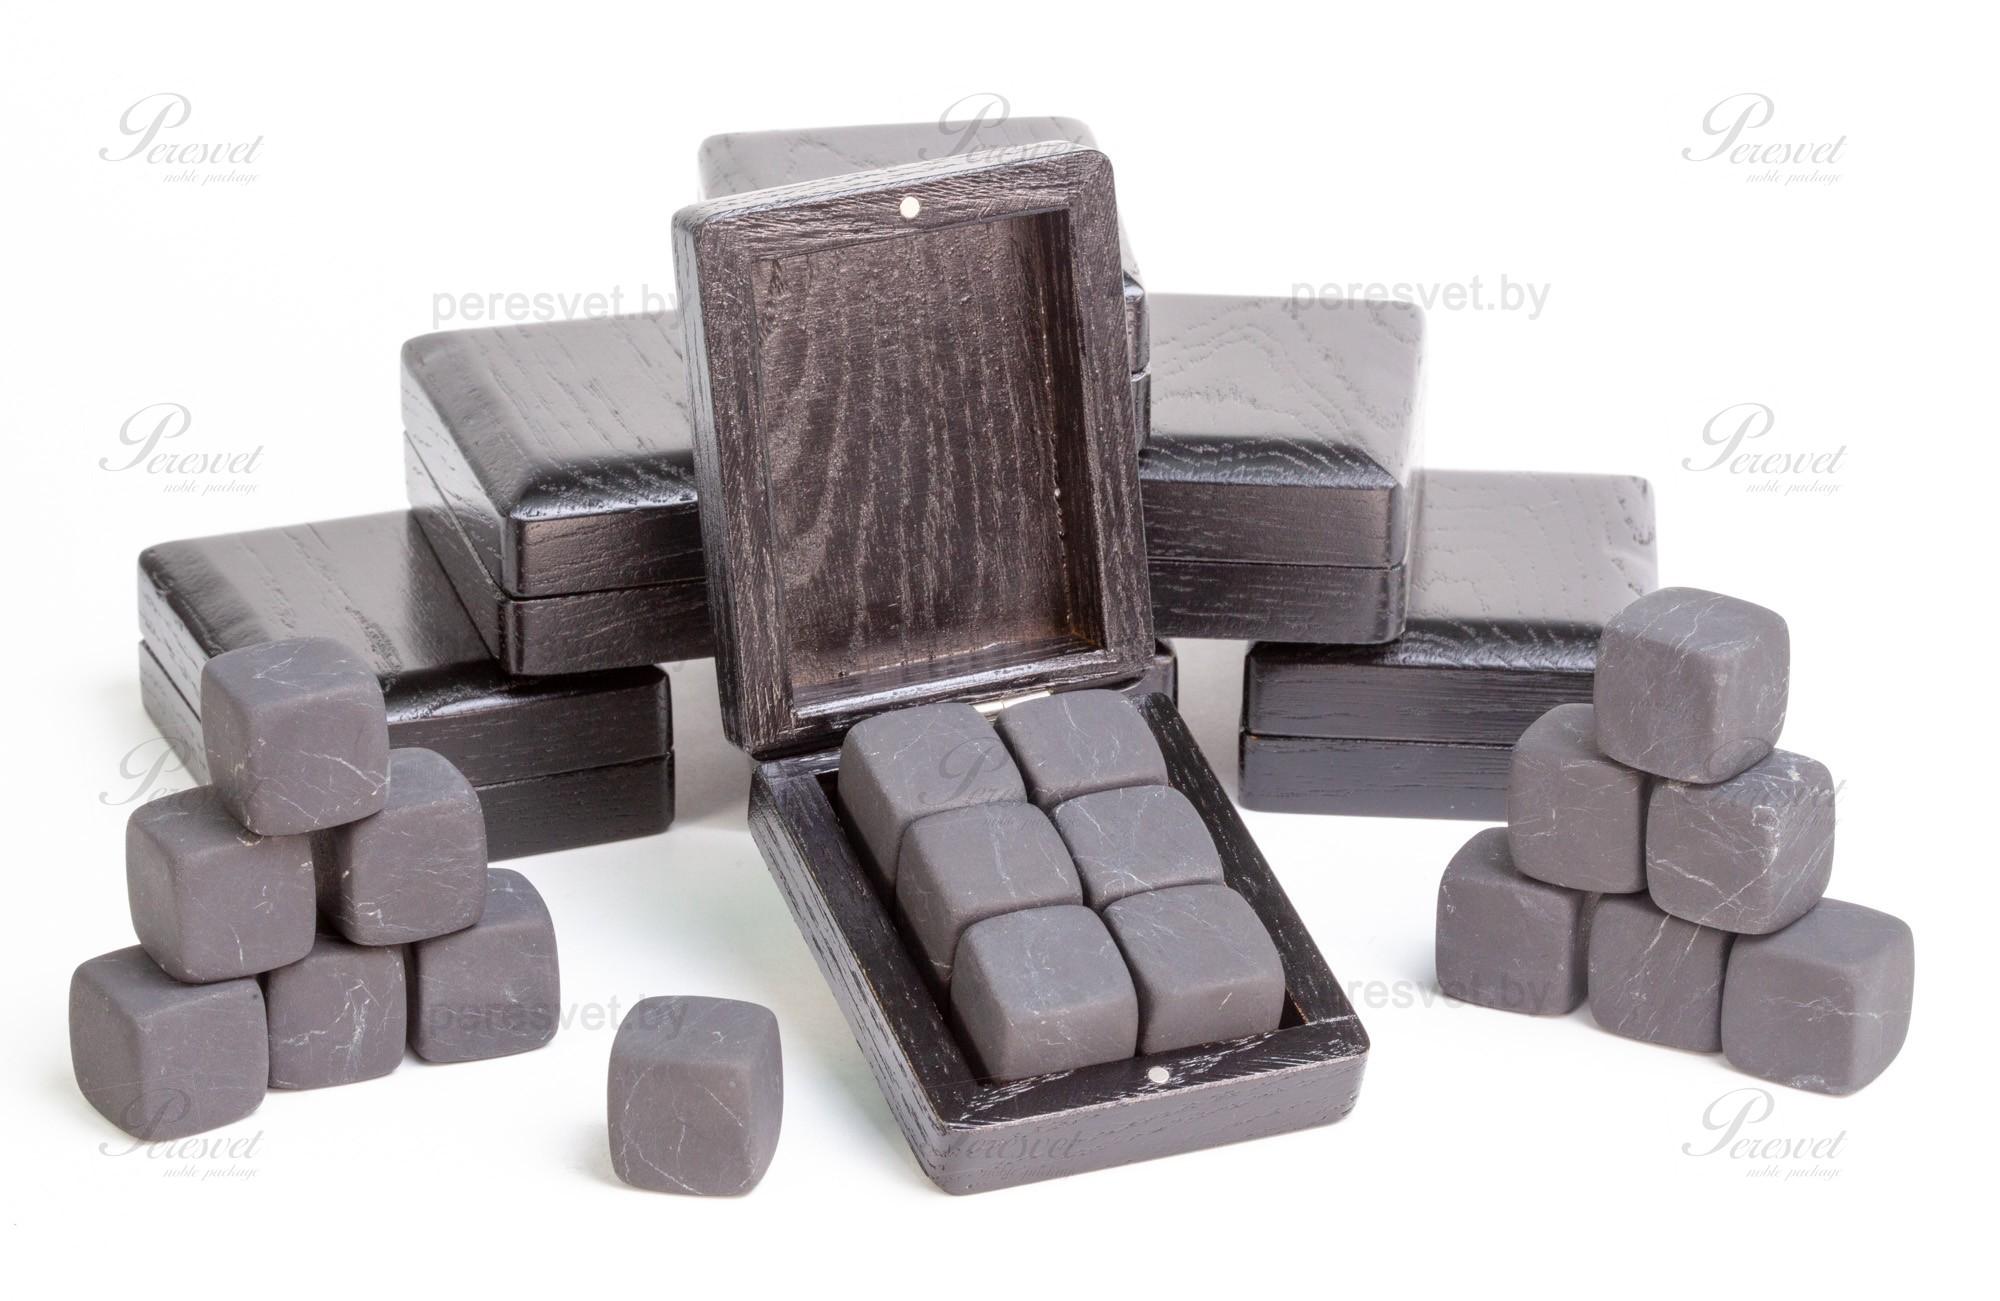 Камни для виски в дубовой упаковке шунгит на peresvet.by